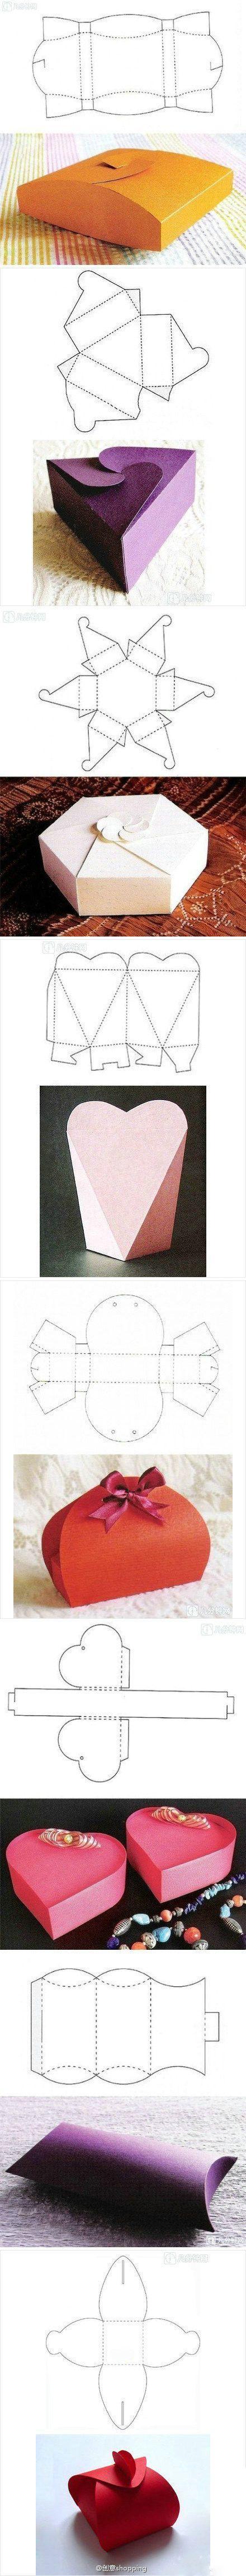 8 caixa de presente criativo, dobrável, simples e amor